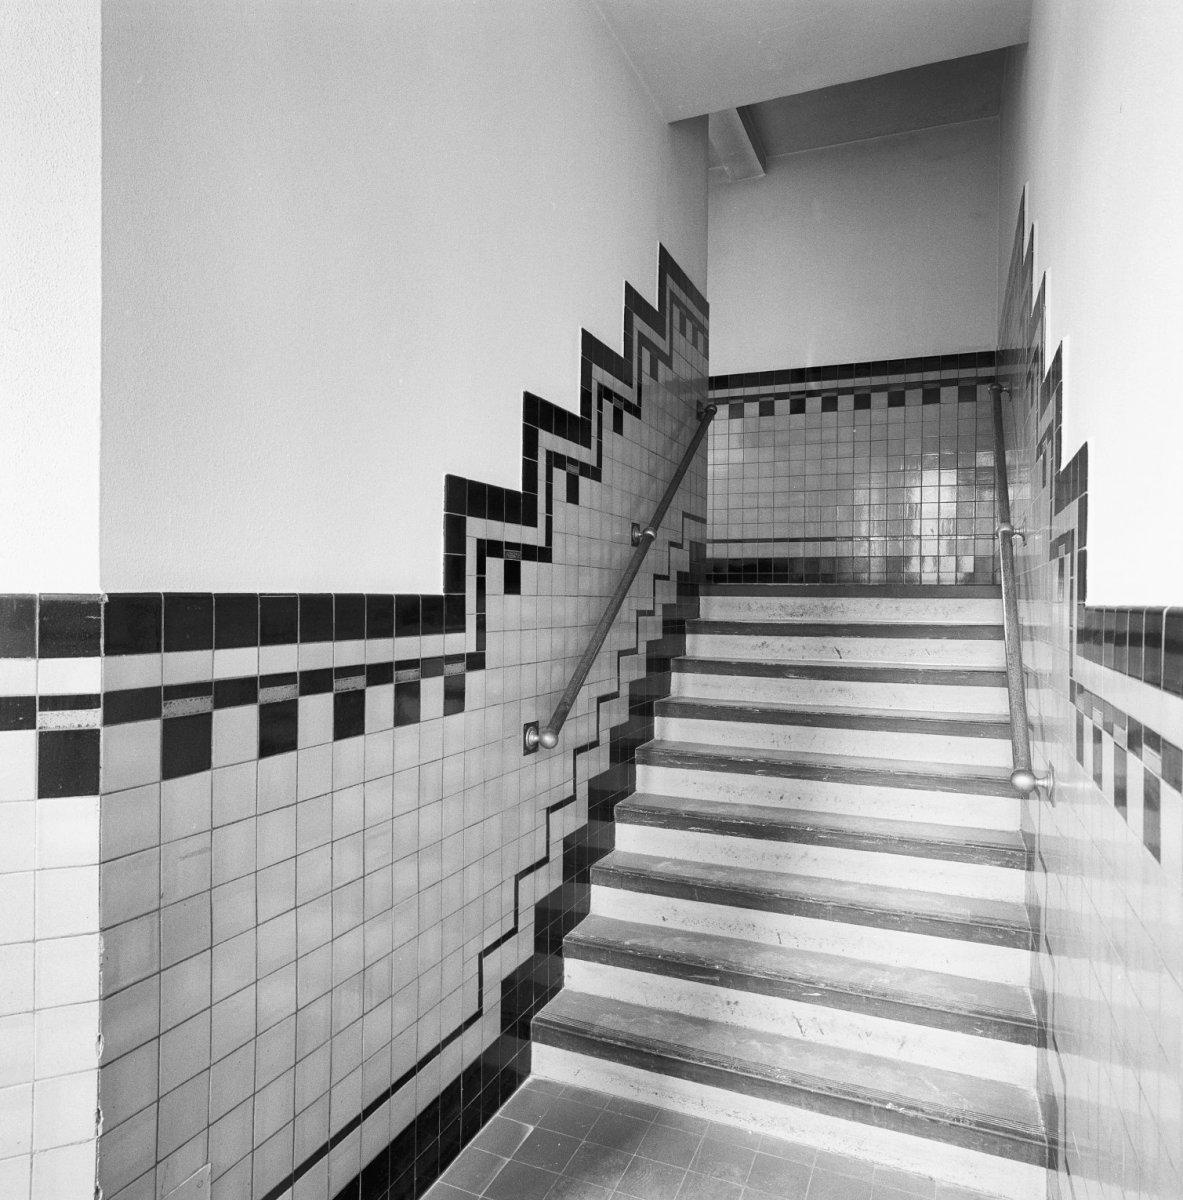 File:Interieur, verdieping- trappenhuis en liften met betegelde ...